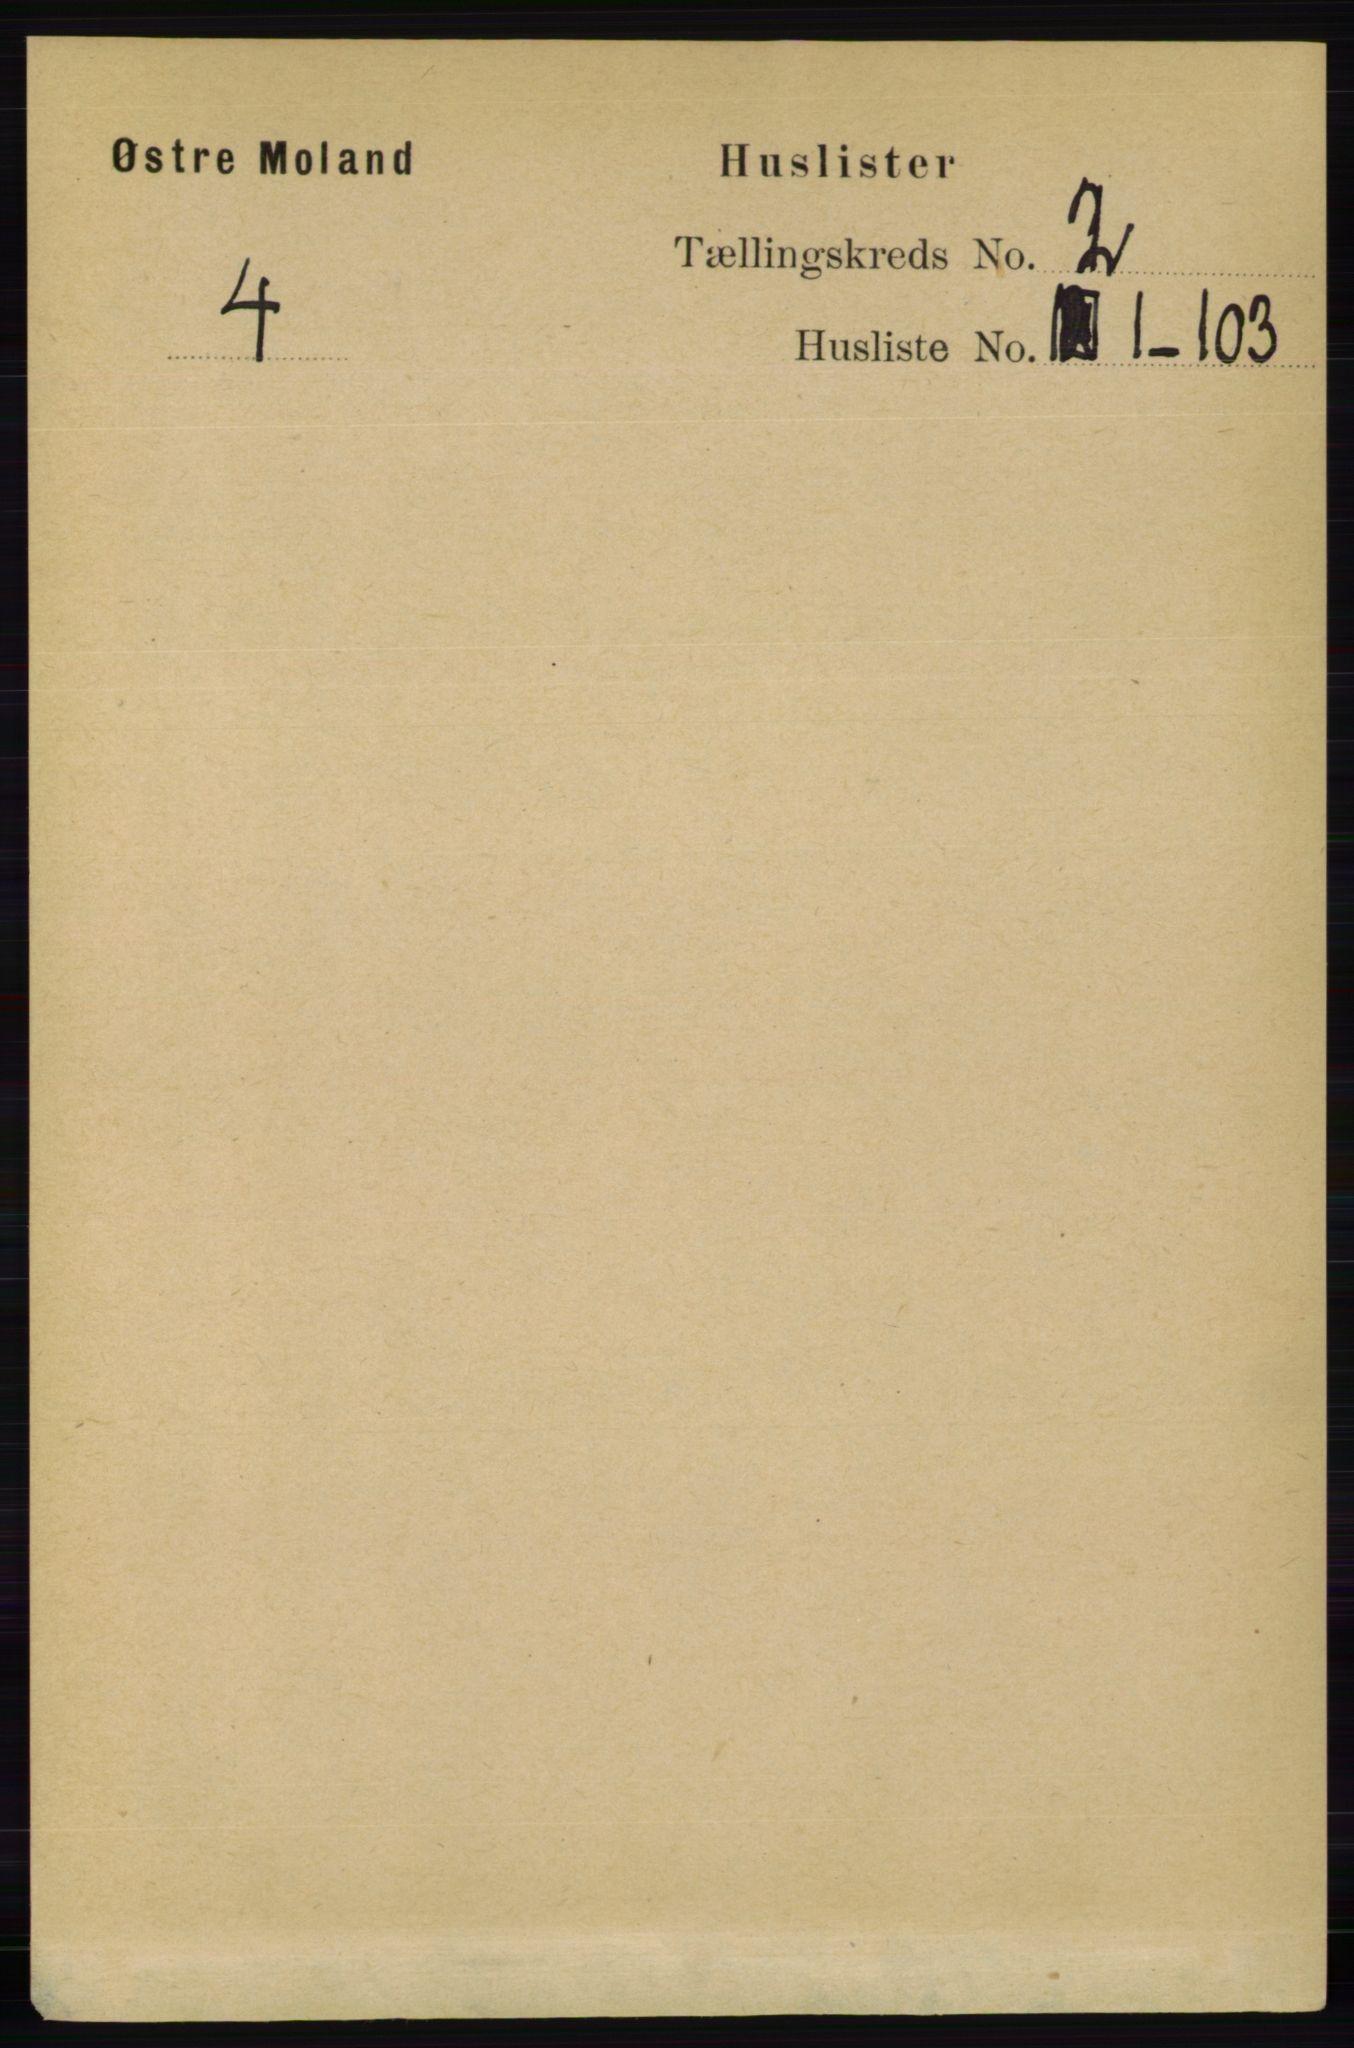 RA, Folketelling 1891 for 0918 Austre Moland herred, 1891, s. 564